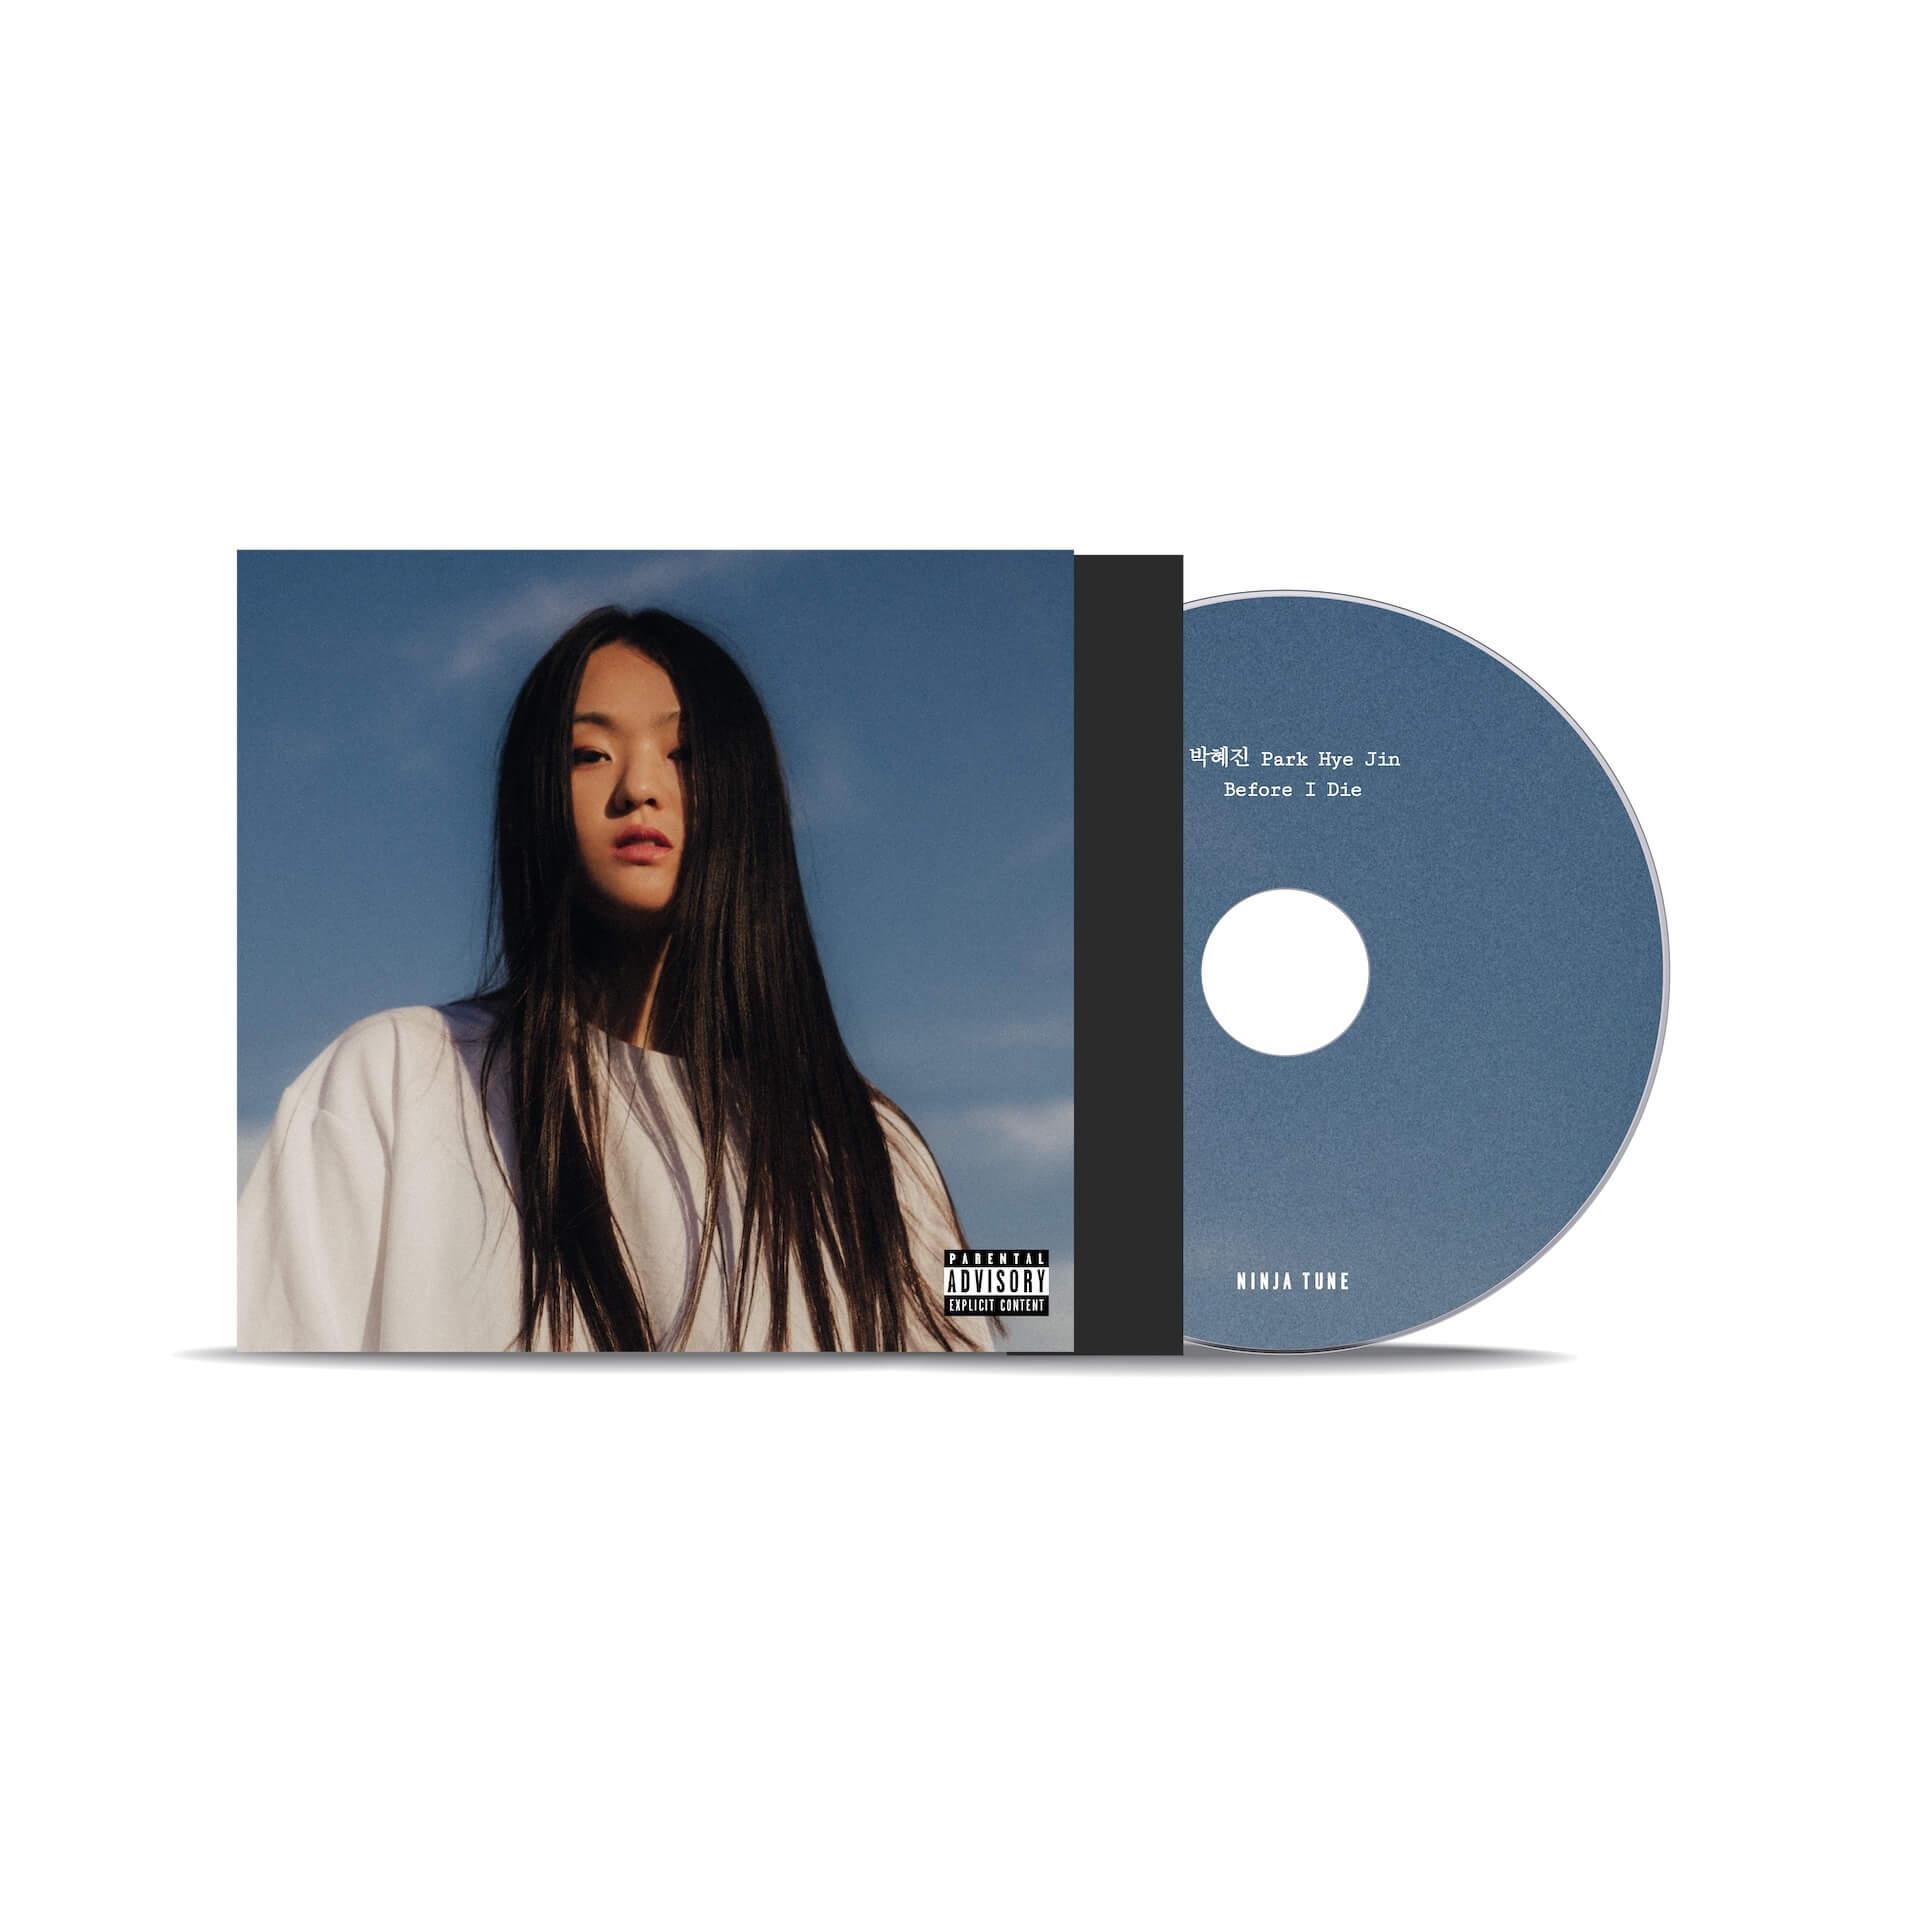 来日公演も控えるPark Hye Jinが〈Ninja Tune〉より待望のデビューアルバム『Before I Die』のリリースを発表! music210707_parkhyejin_8